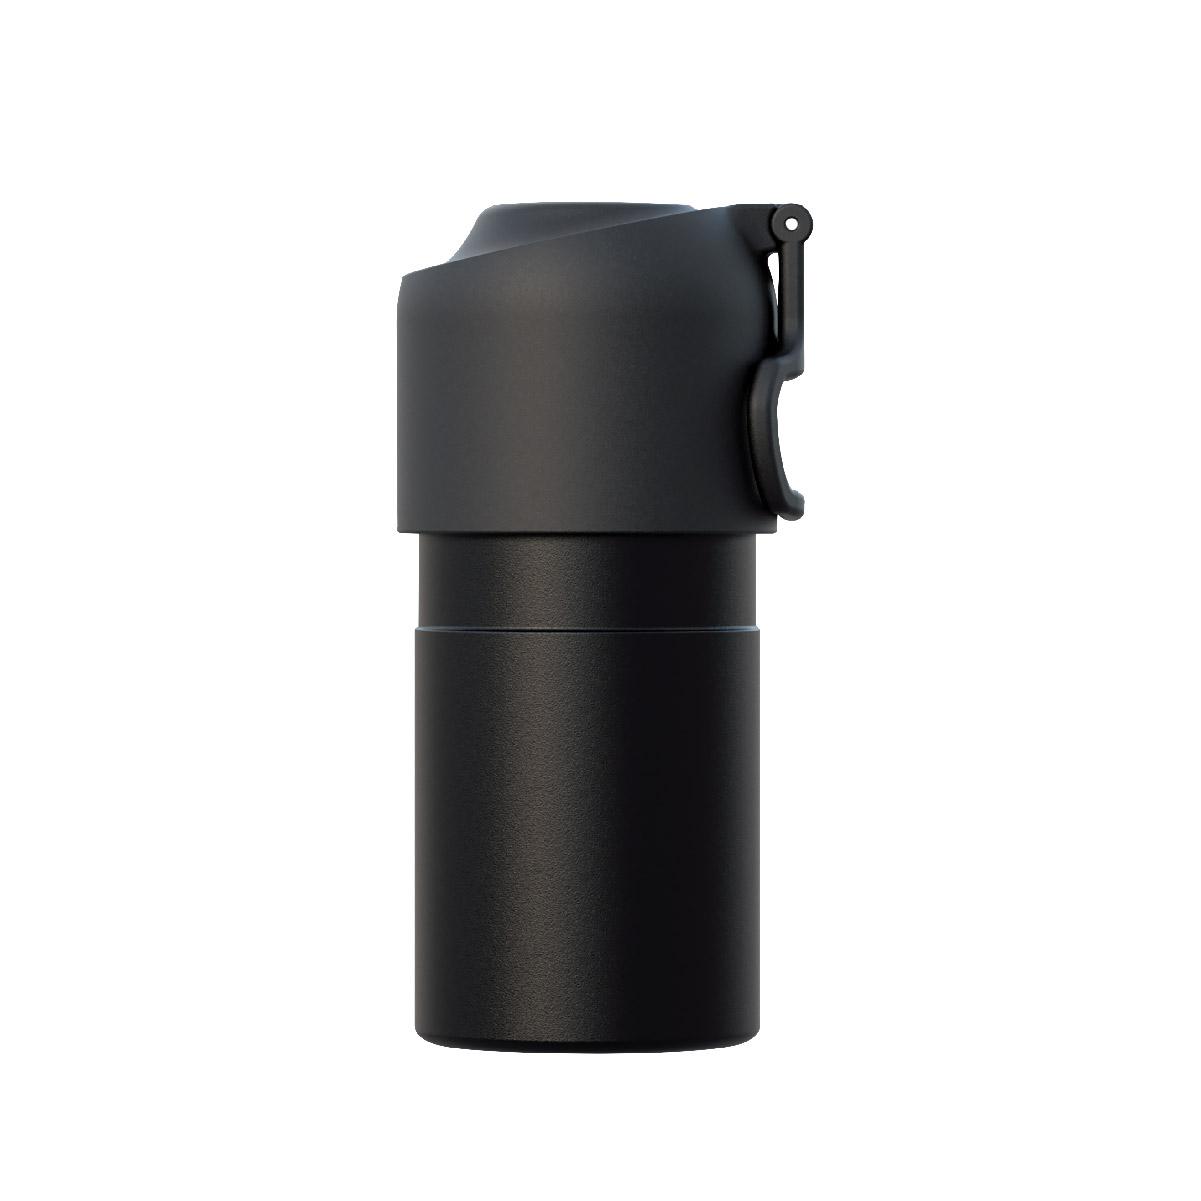 ボトルインボトル TYPE-E ブラック